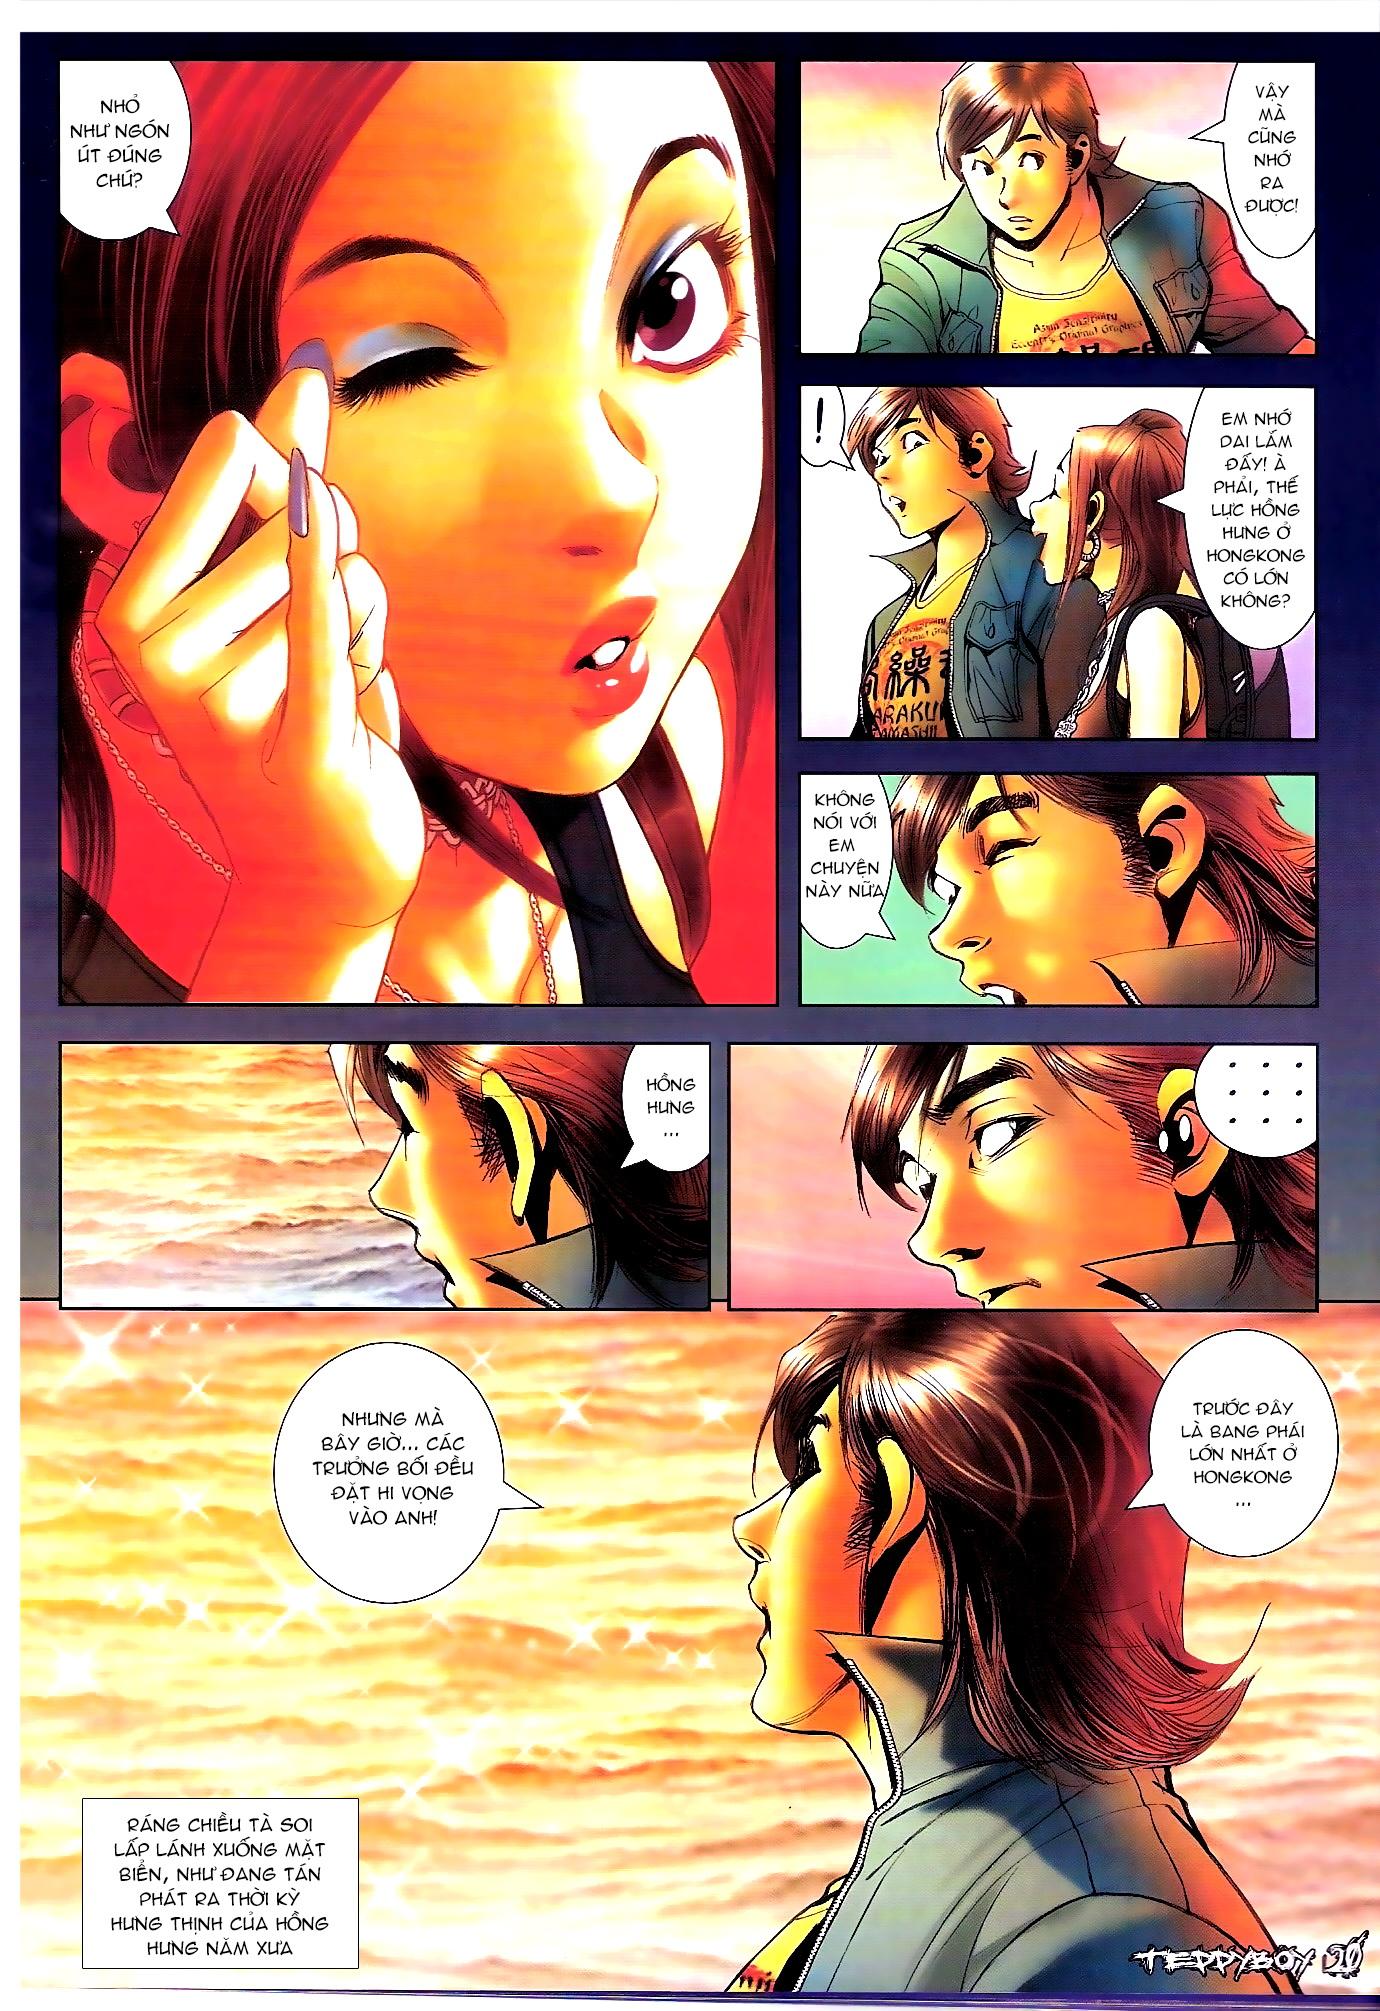 Người Trong Giang Hồ NetTruyen chap 1294 - Trang 17